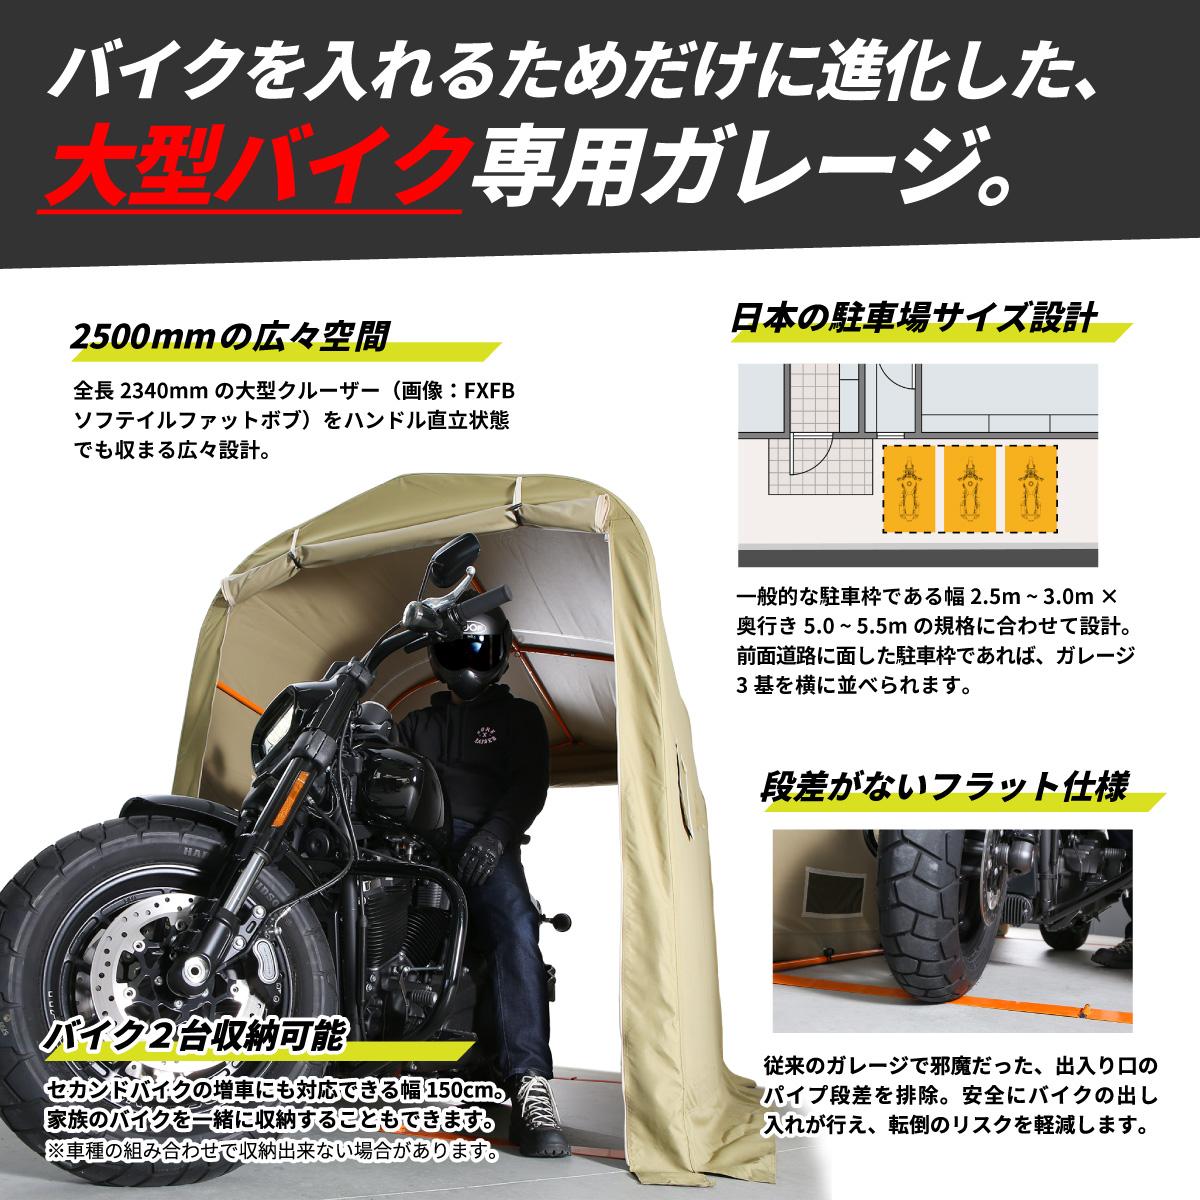 DCC538-KH バイクガレージ 2500 主な特徴画像